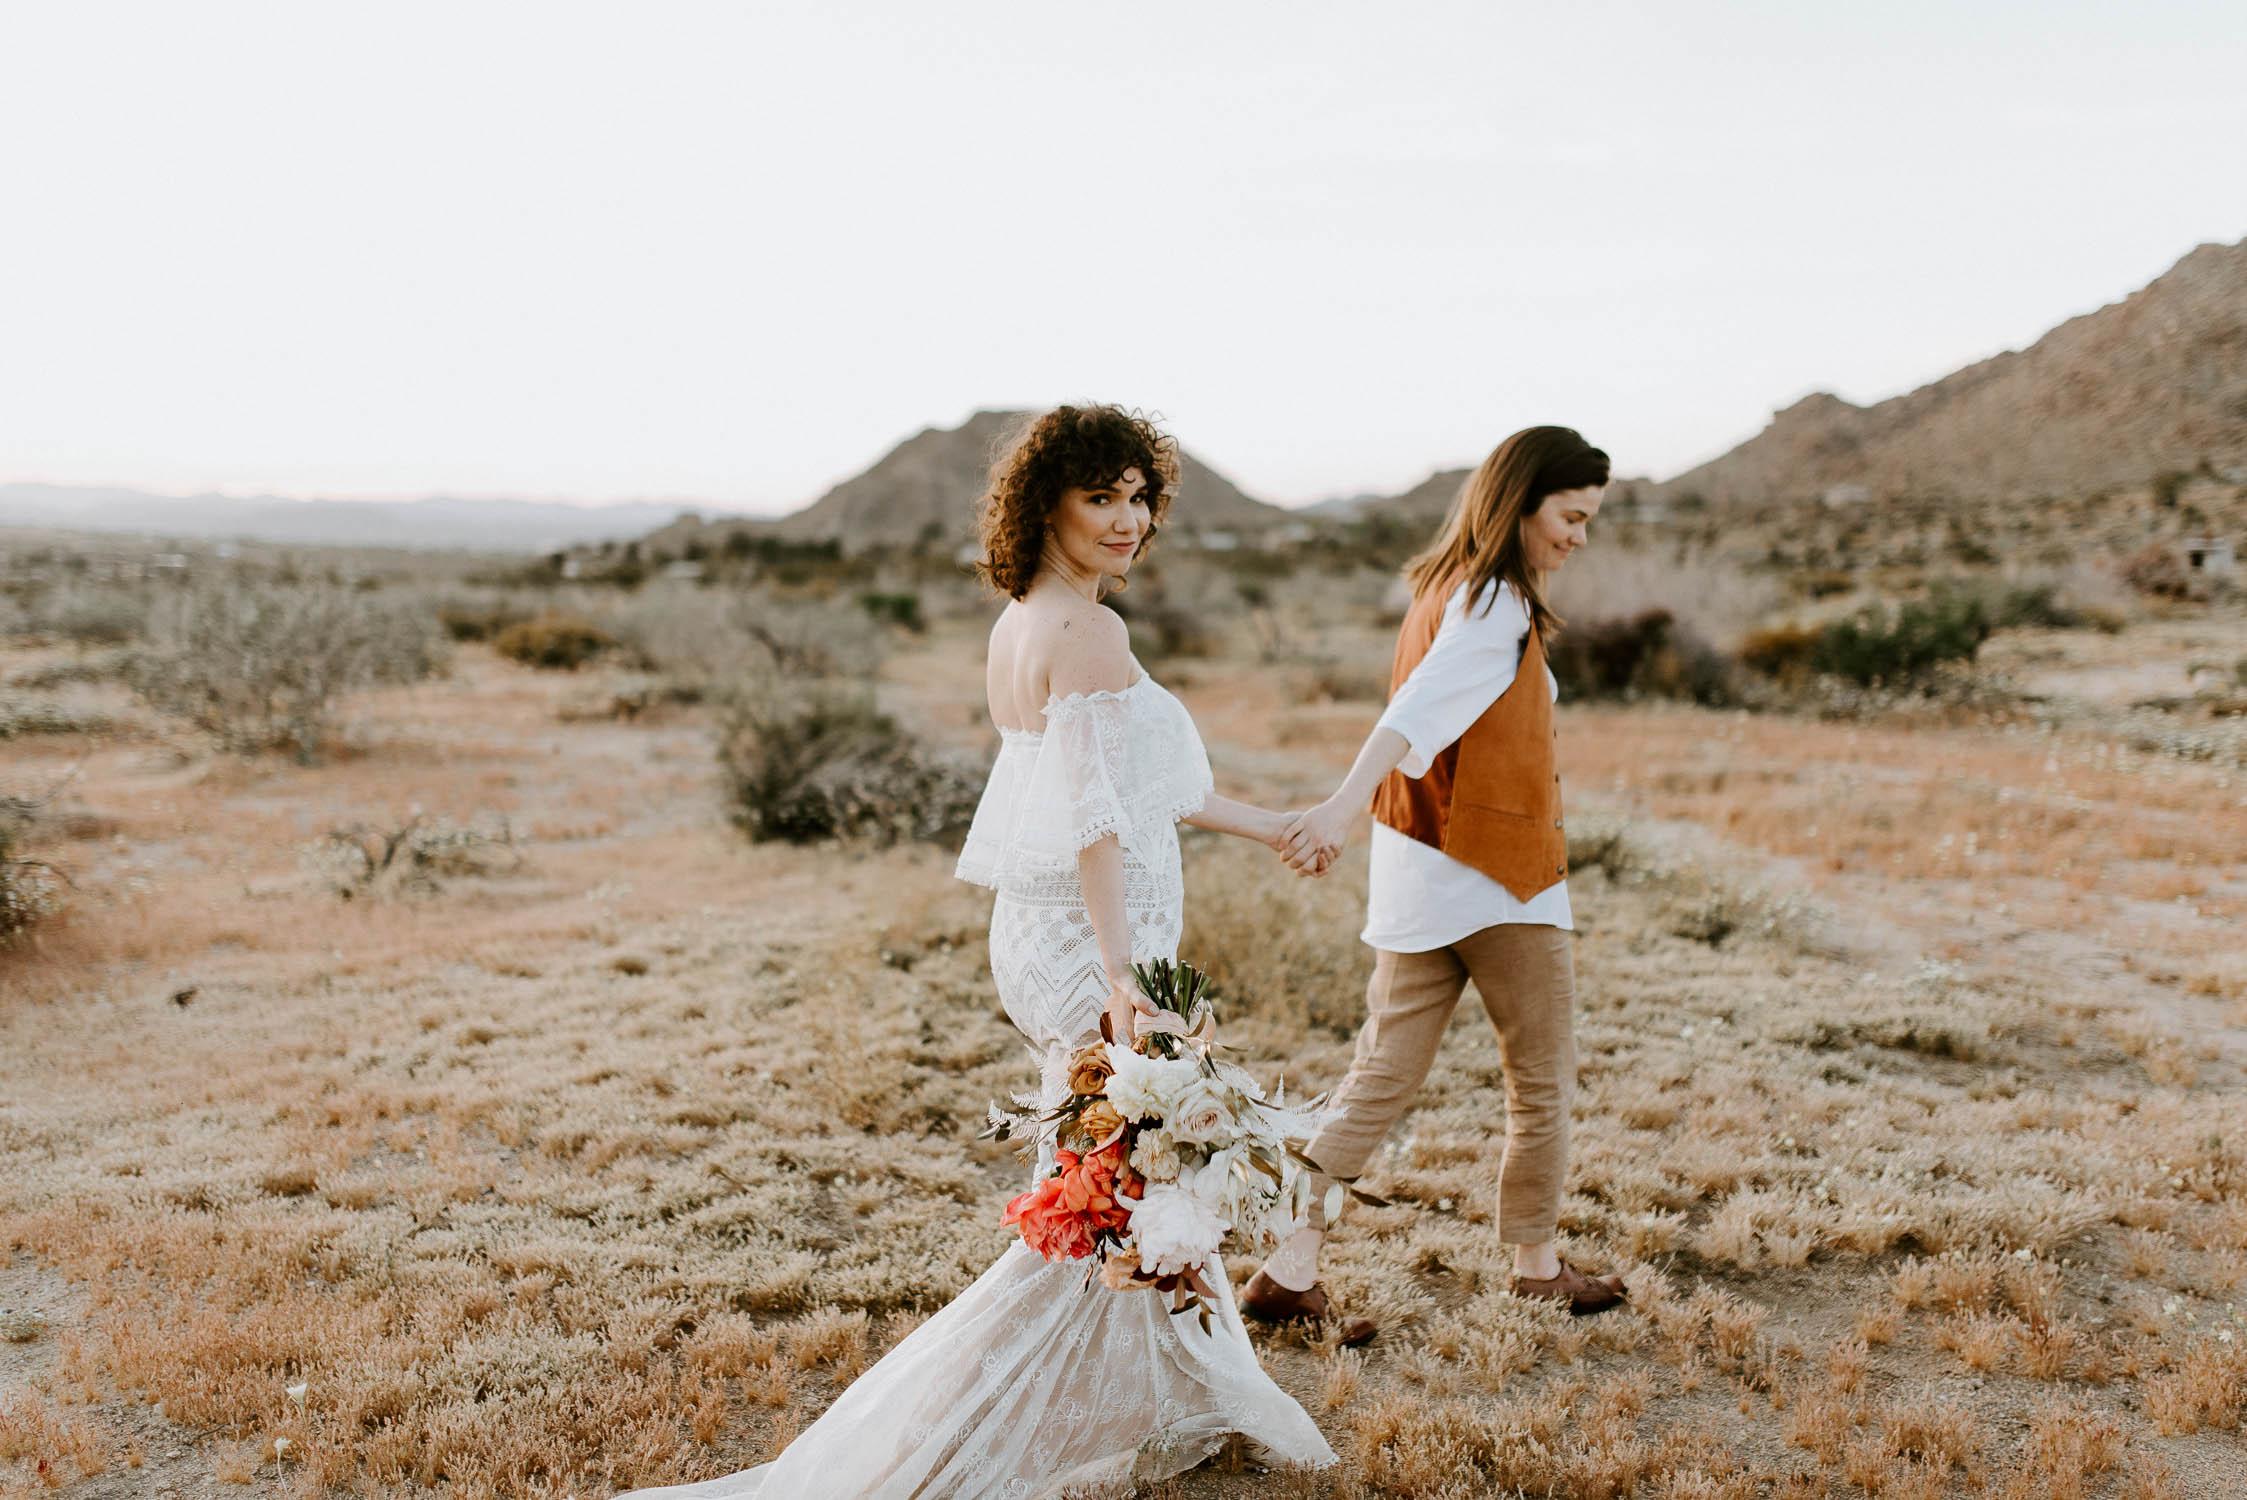 Joshua Tree Same-Sex Wedding | Thelma+Louise - Anais